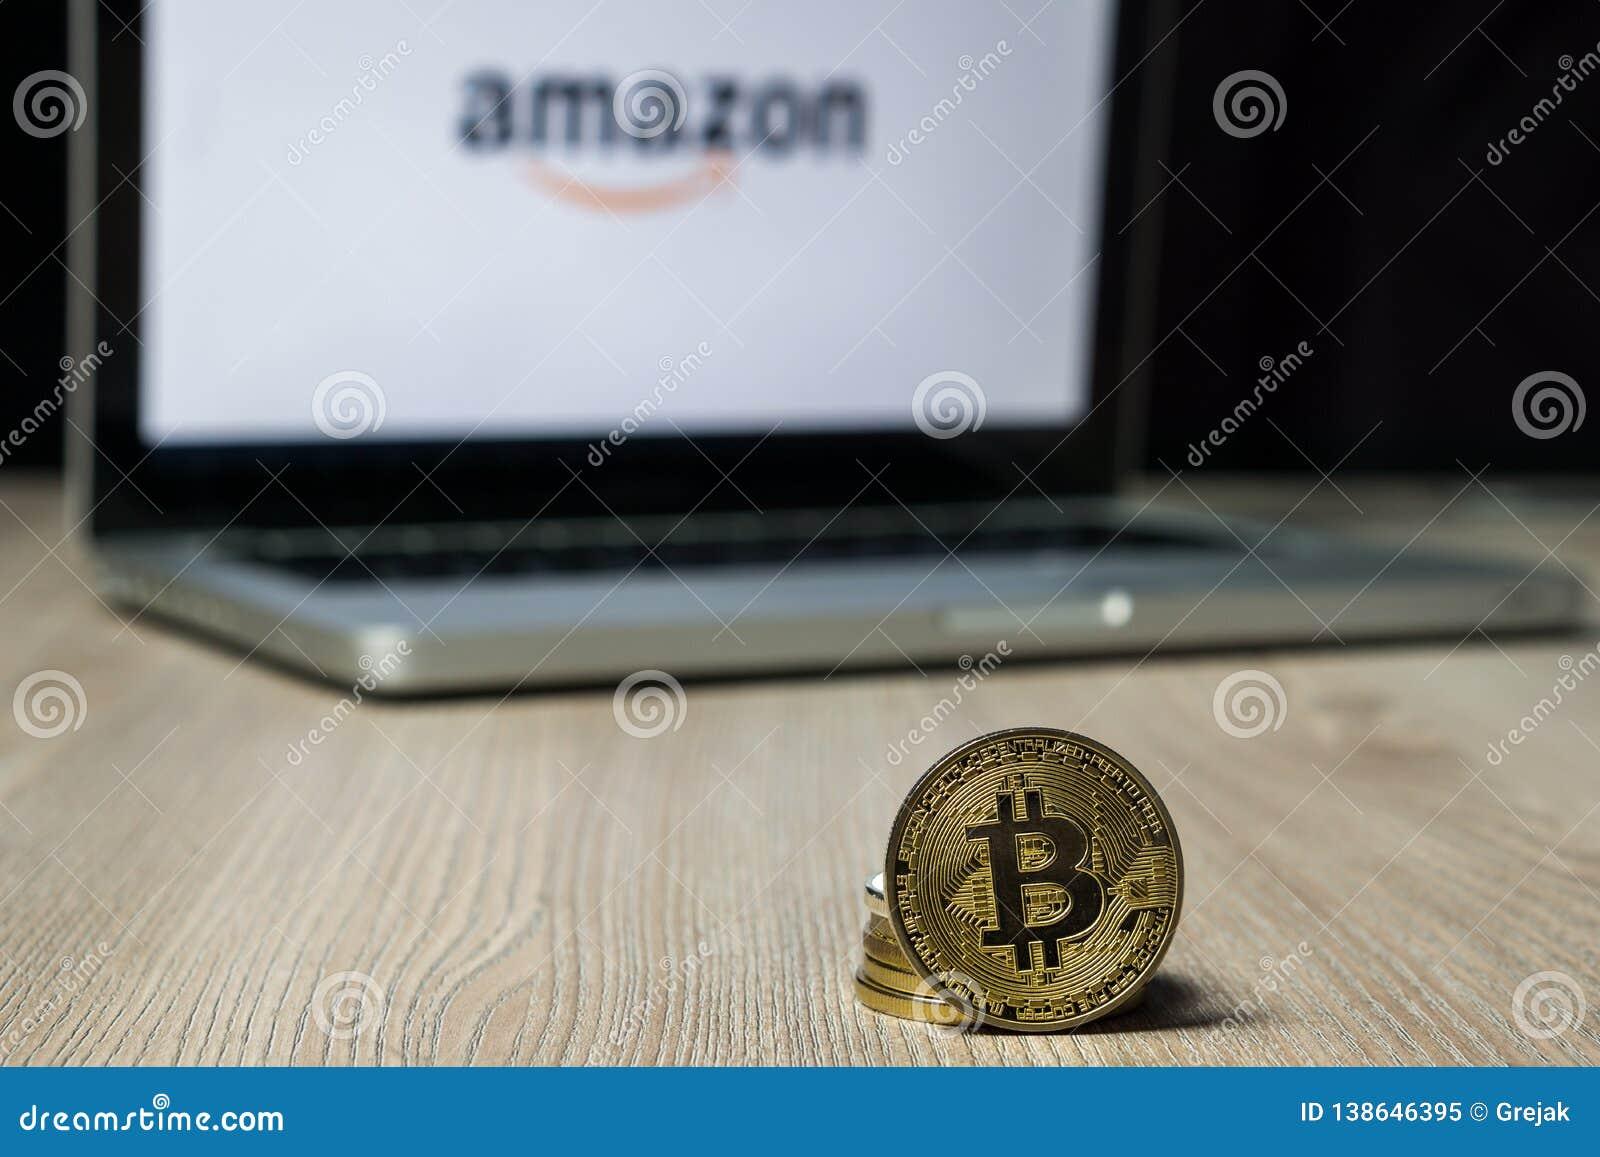 Bitcoin-Münze mit dem Amazonas-Logo auf einem Laptopschirm, Slowenien - 23. Dezember 2018